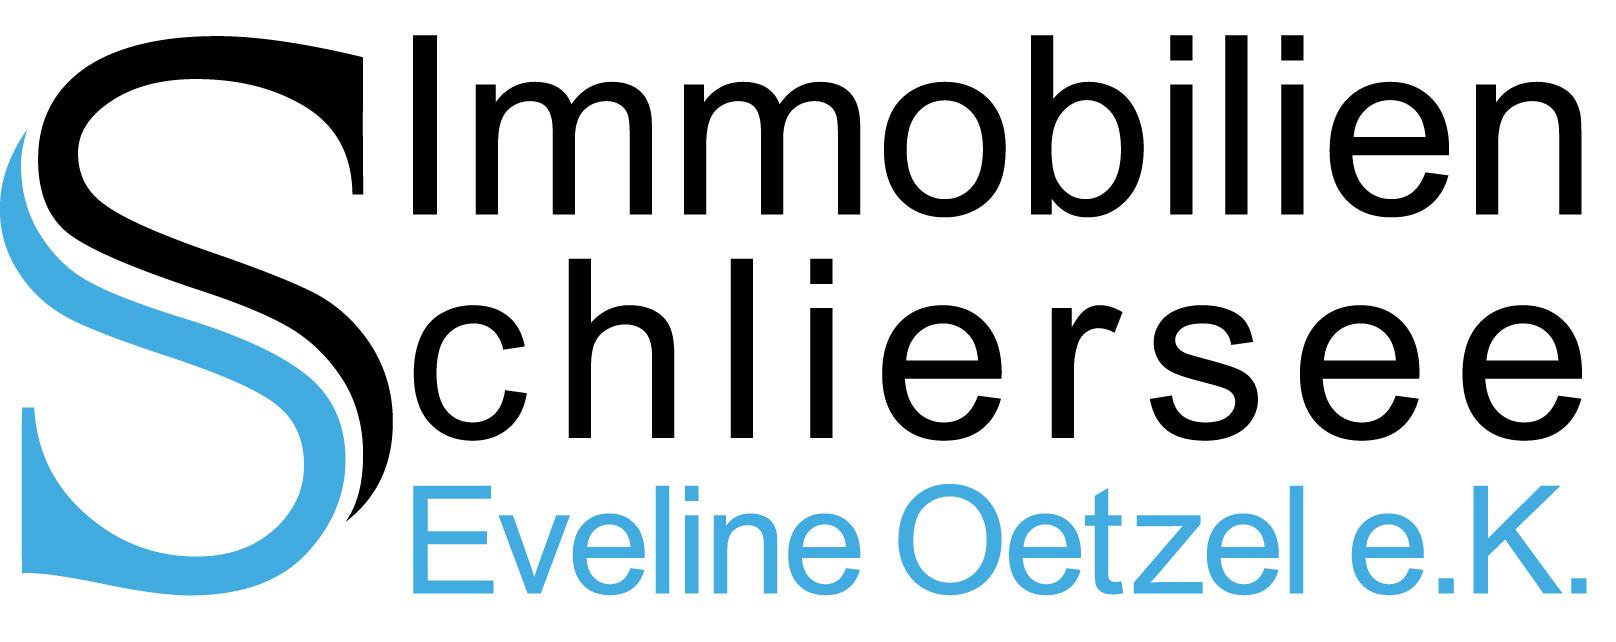 Hier sehen Sie das Logo von Immobilien Schliersee Eveline Oetzel e.K.